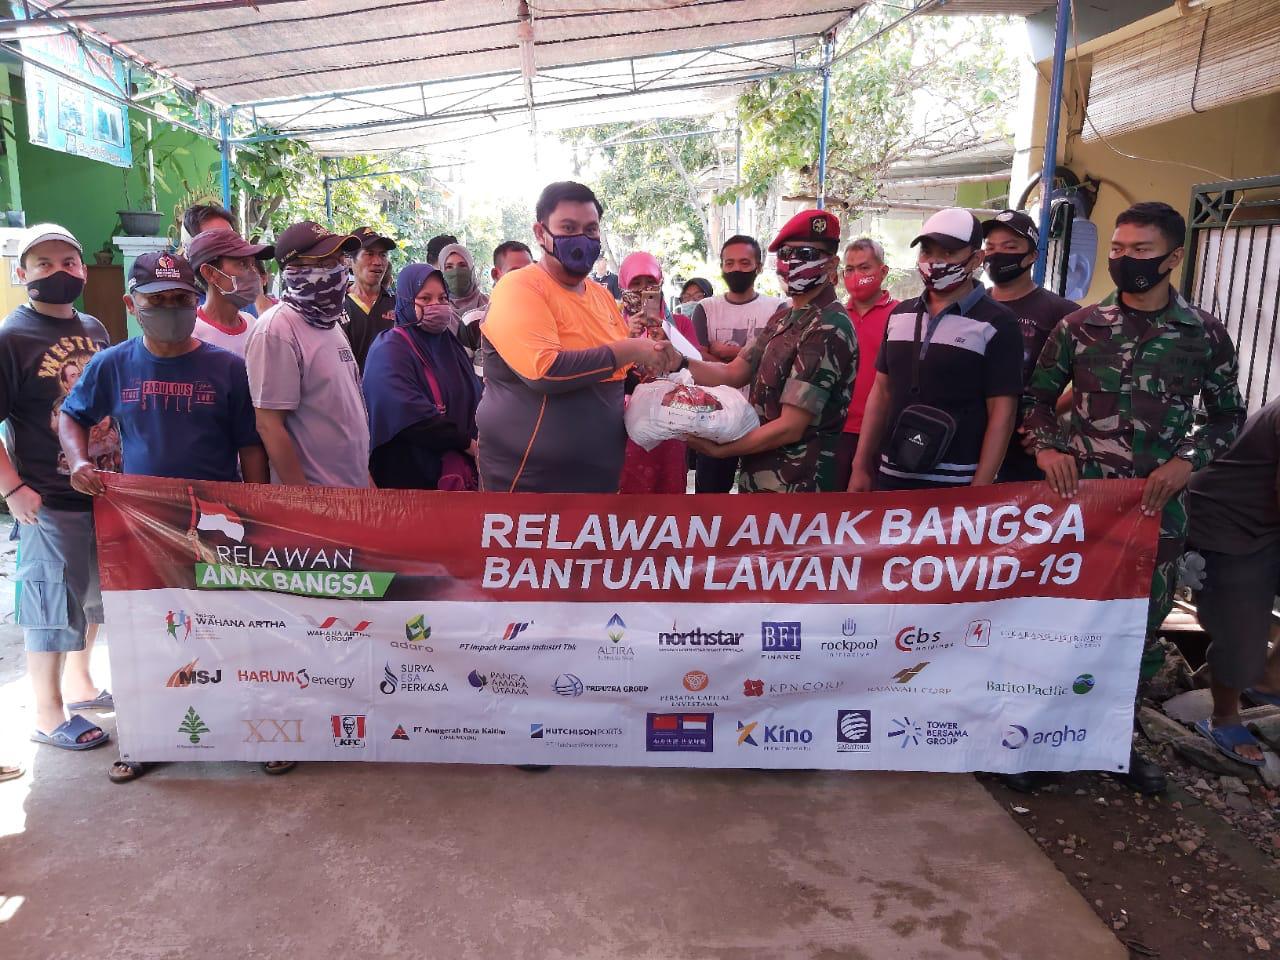 Relawan Anak Bangsa Salurkan Puluhan Ribu Paket Sembako  Pada Warga Membutuhkan